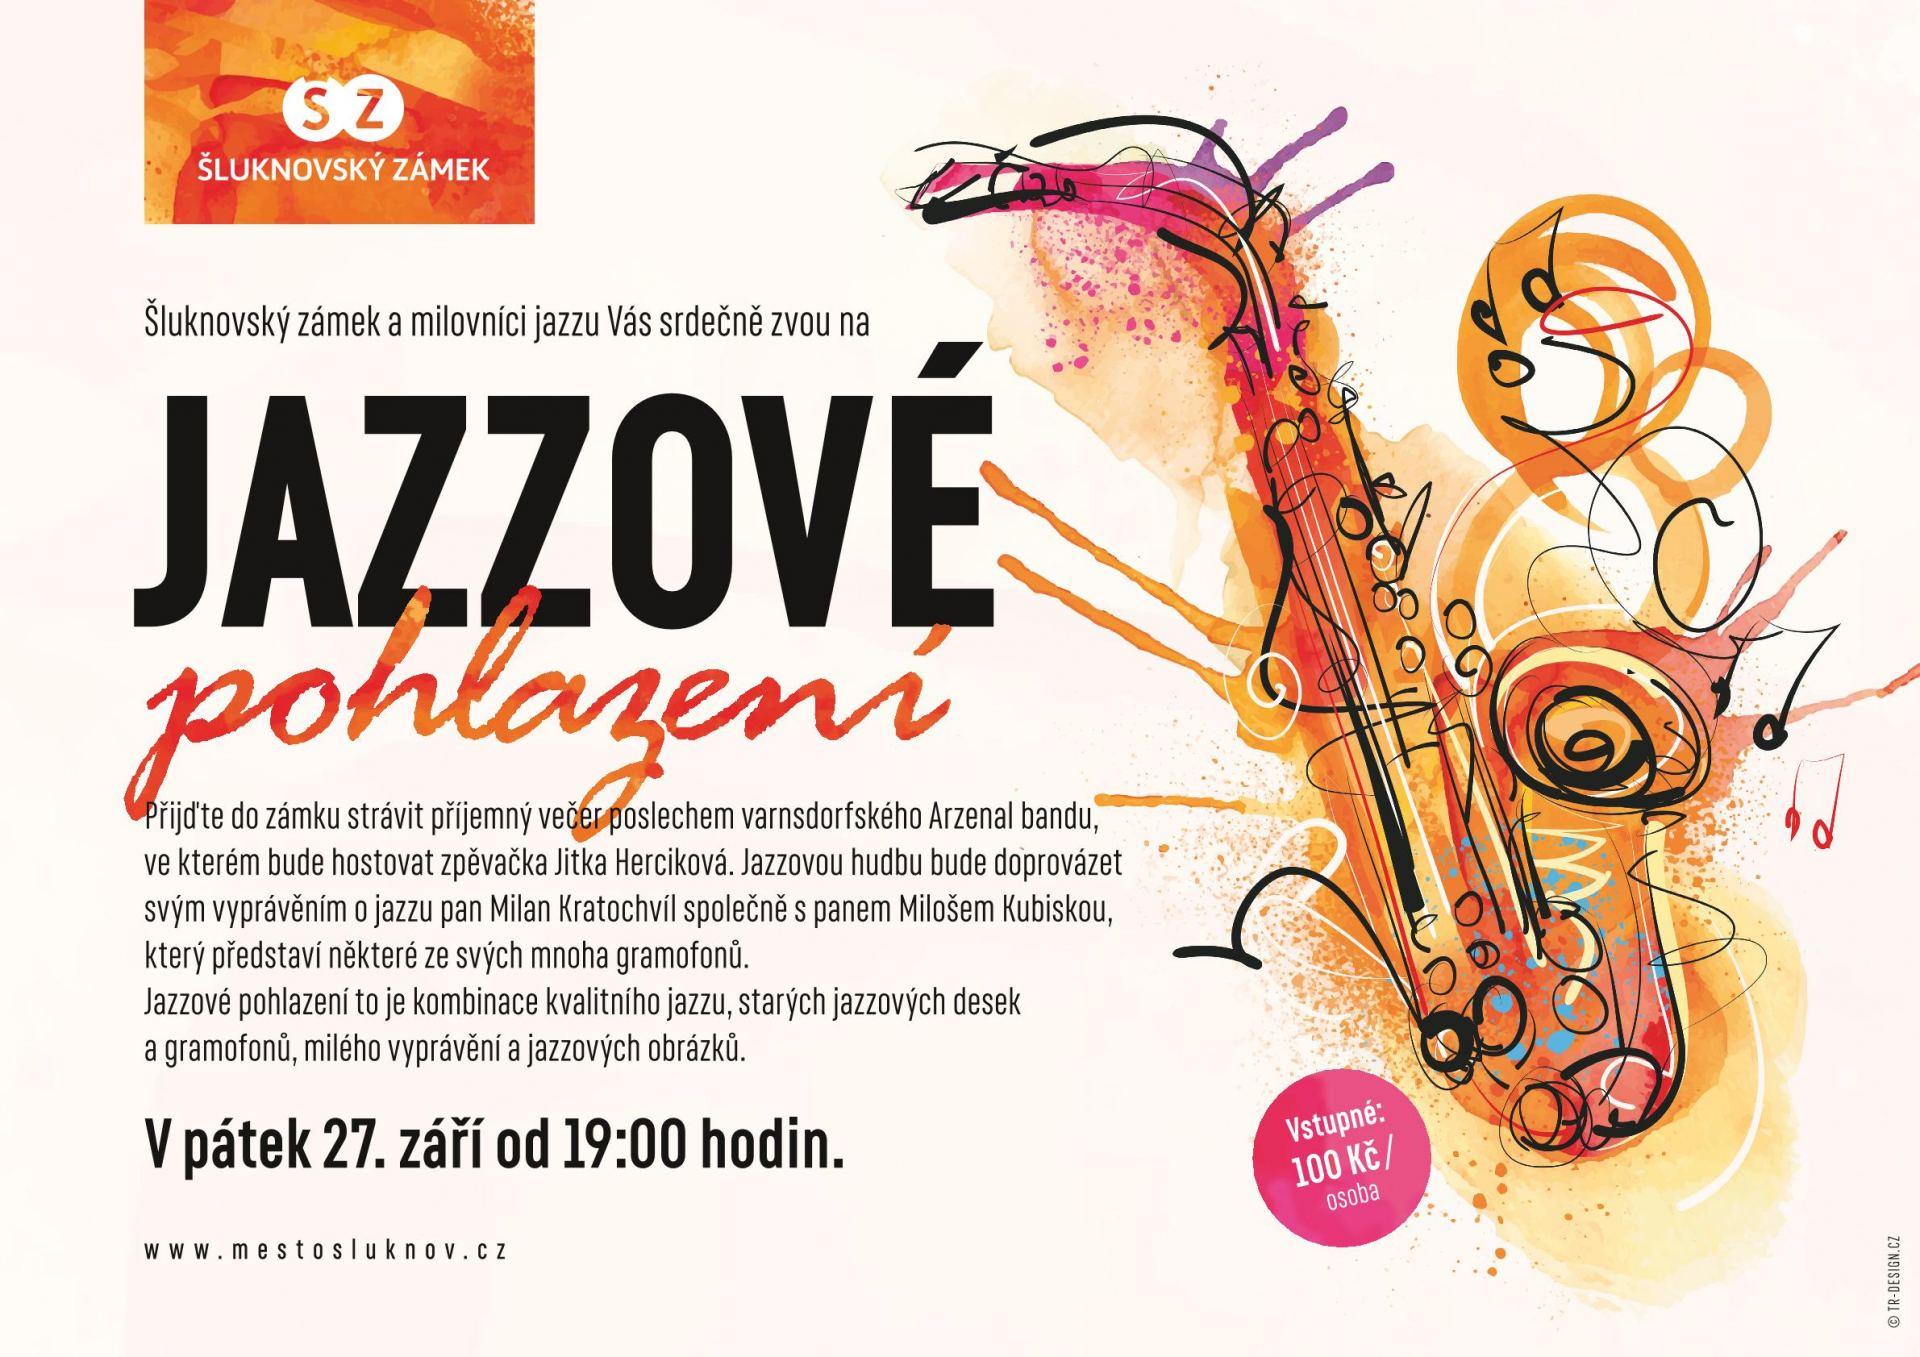 Jazzové pohlazení ve Šluknovském zámku